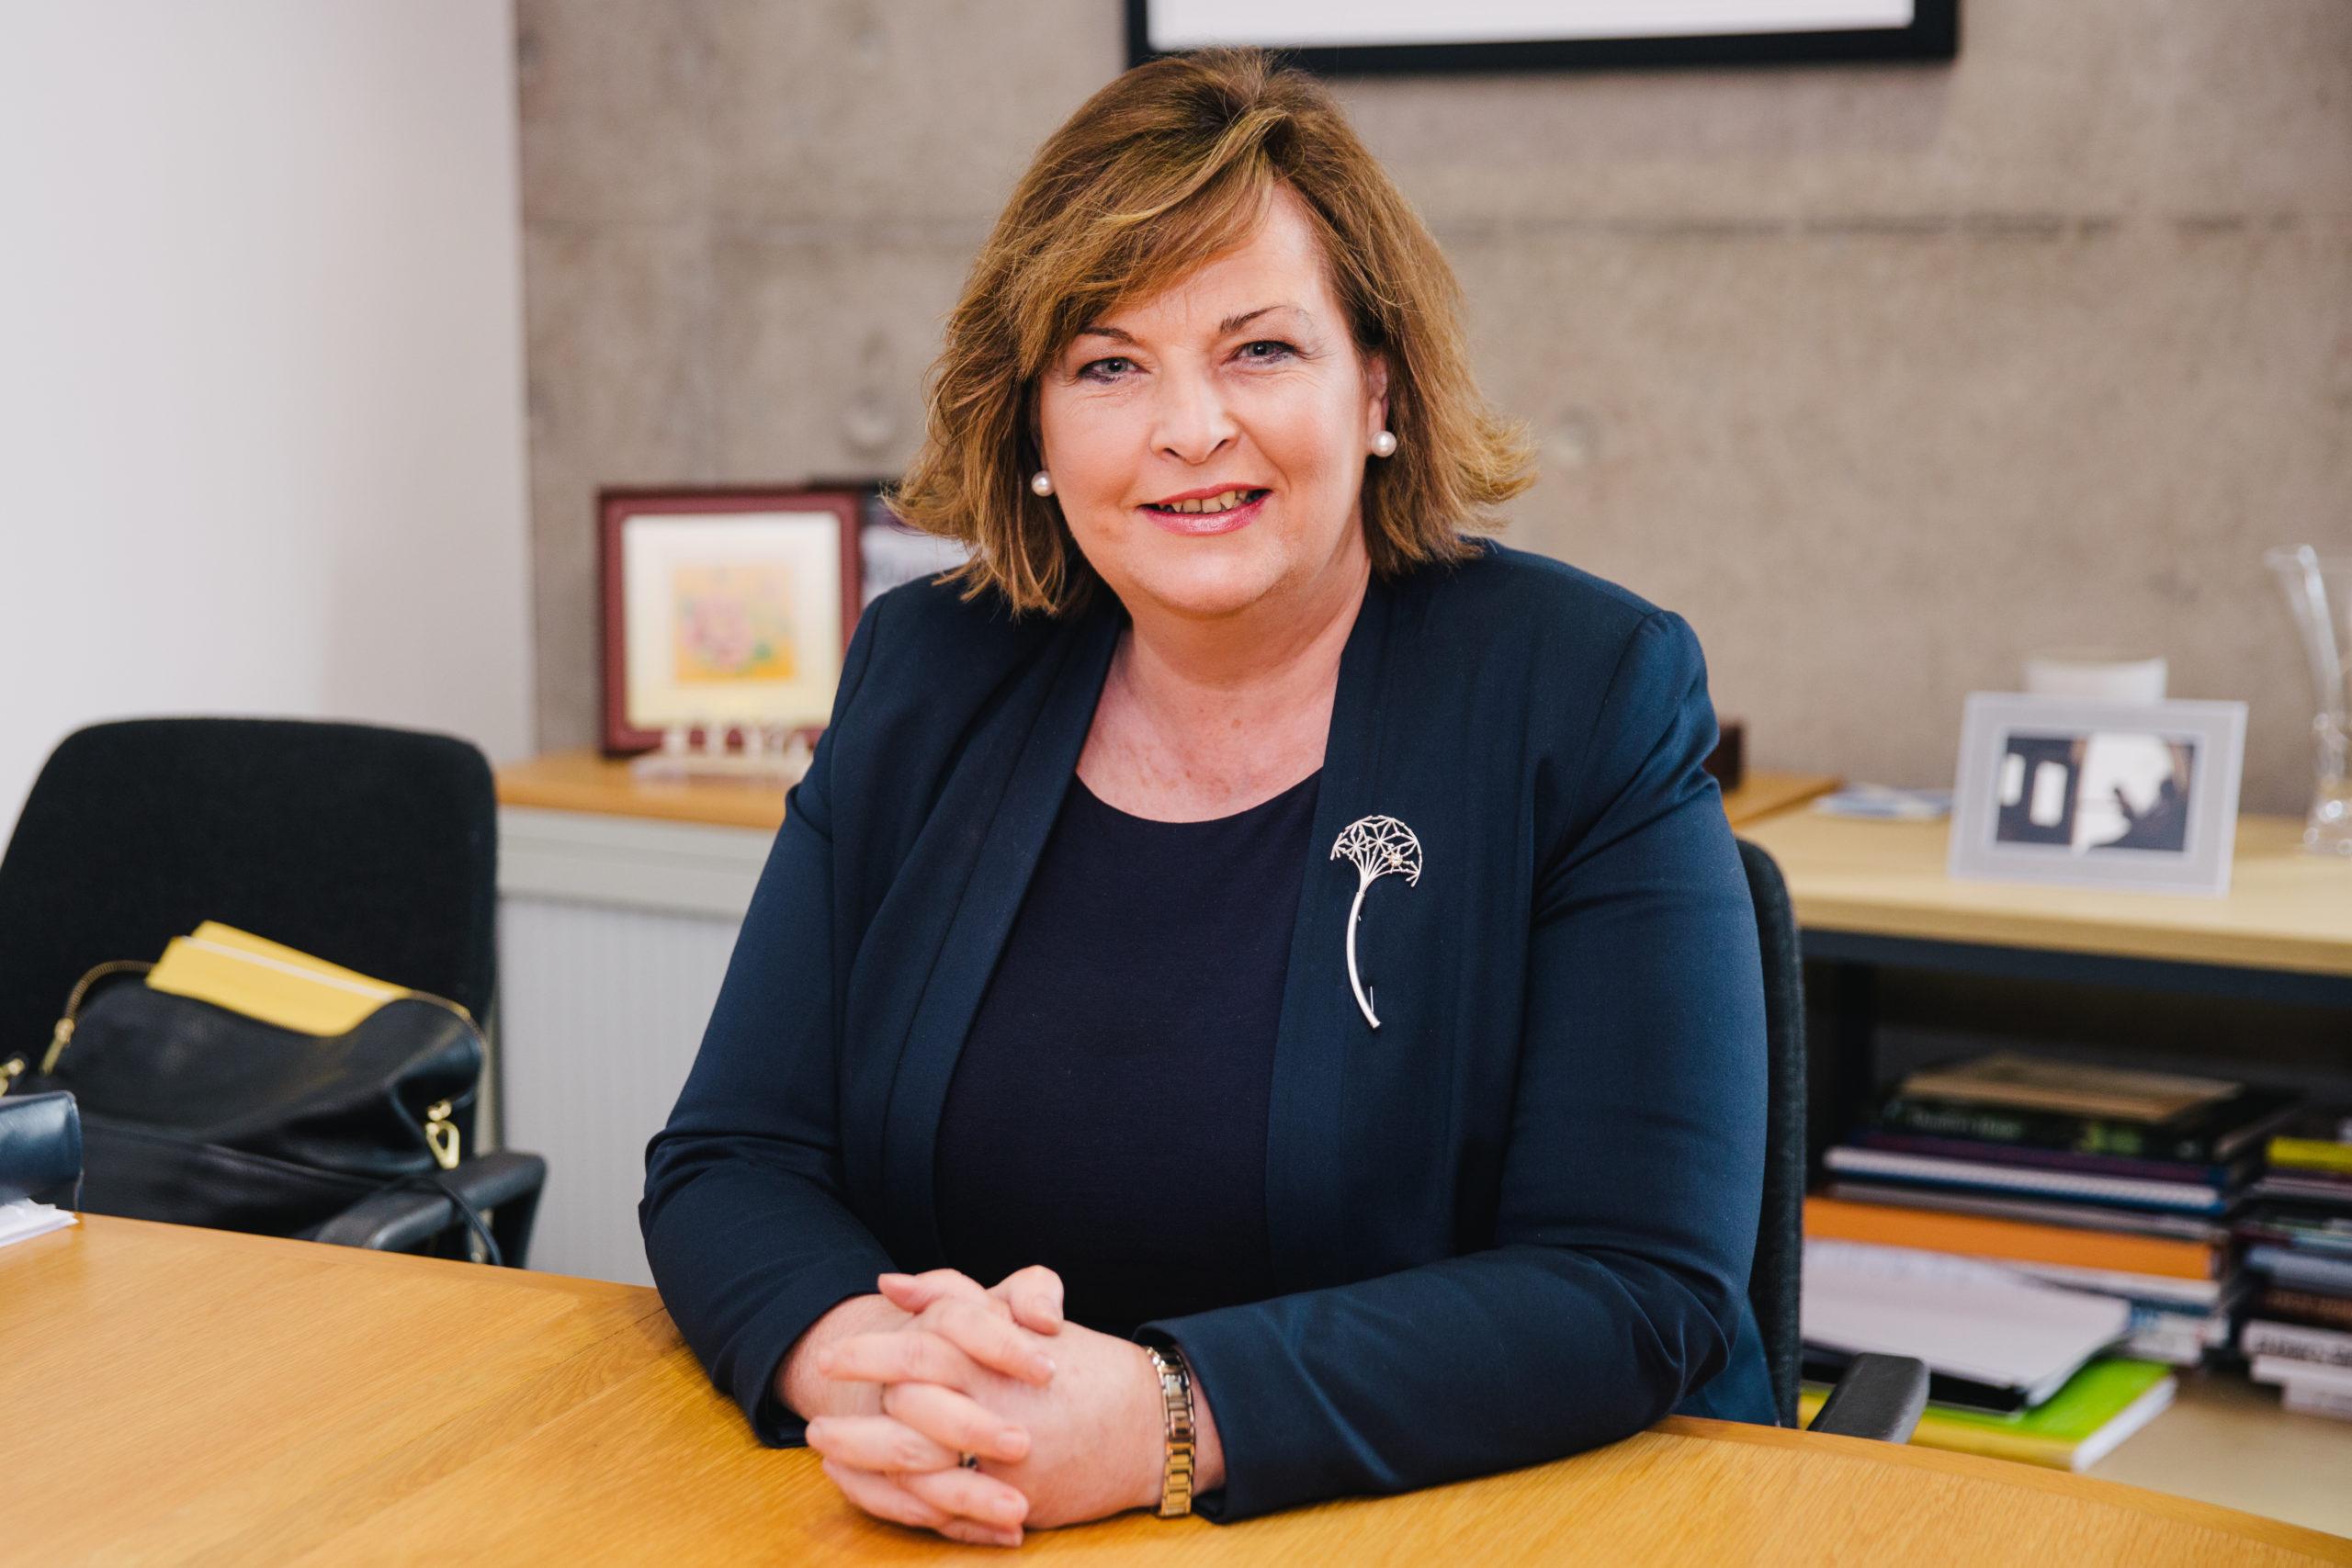 Fiona Hyslopin puolueen muodostama hallitus johtaa Skotlantia Edinburghista käsin.